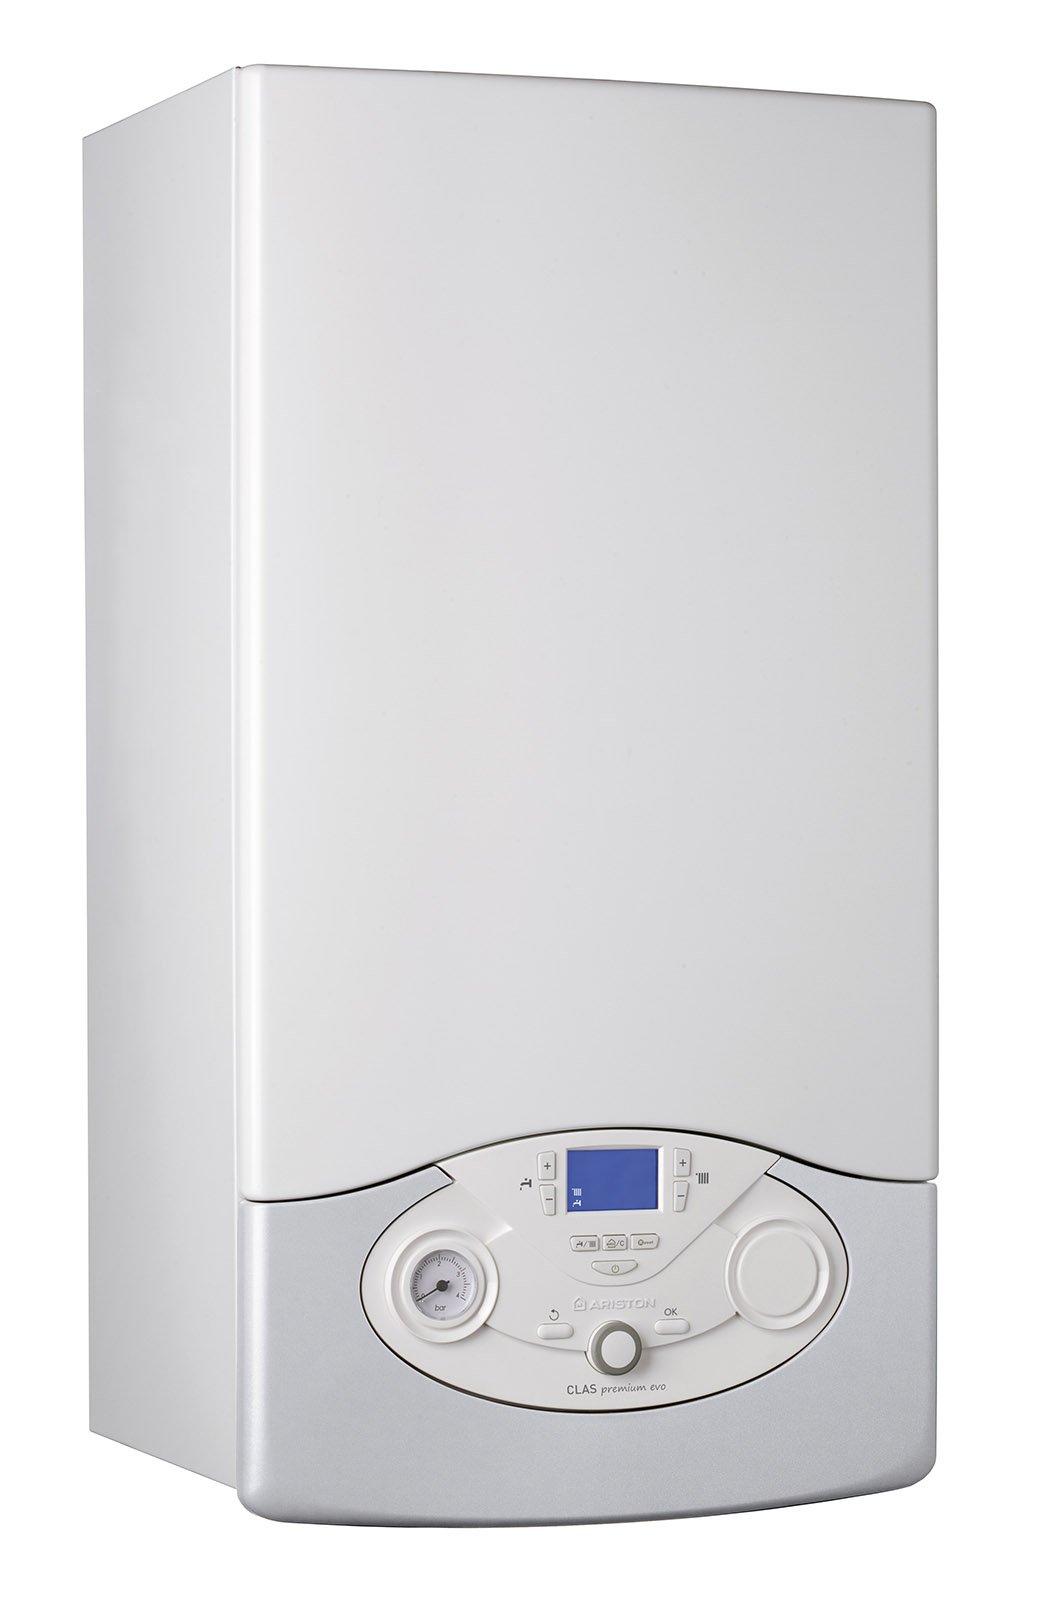 Direttiva Ecodesign: dal 2015 solo nuove caldaie a condensazione - Cose di Casa